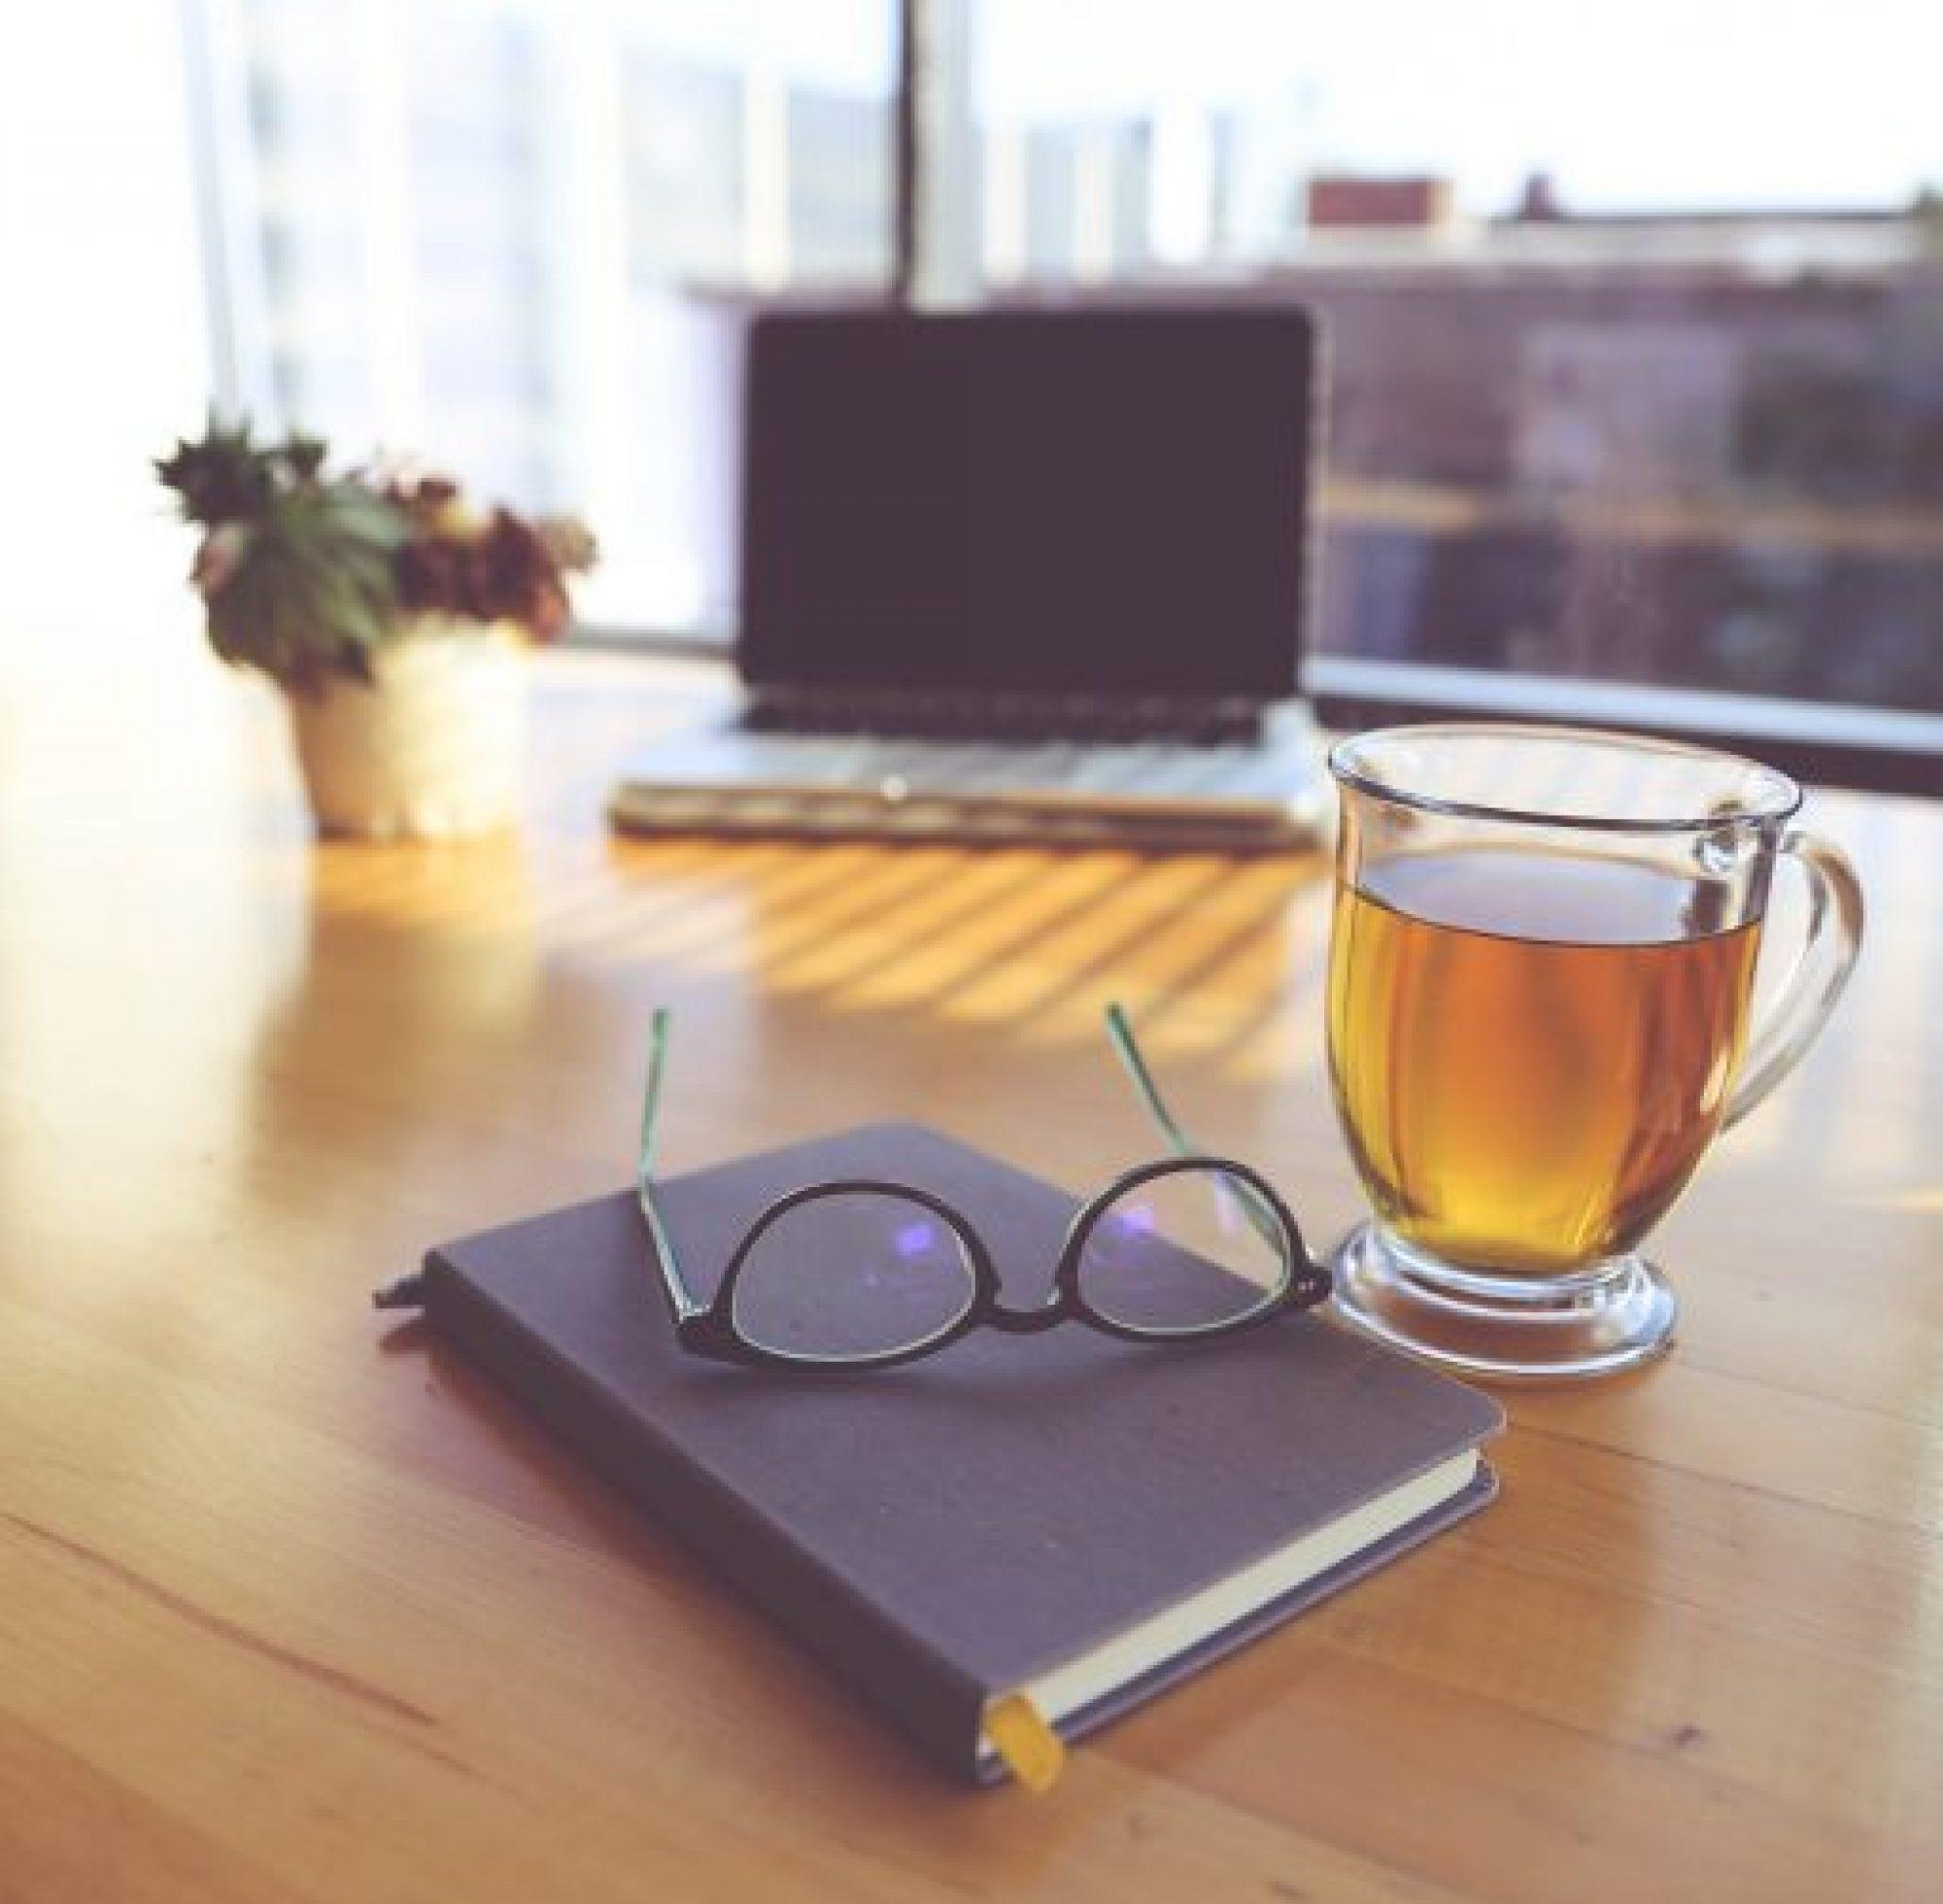 Yrityskauppaa opiskellen